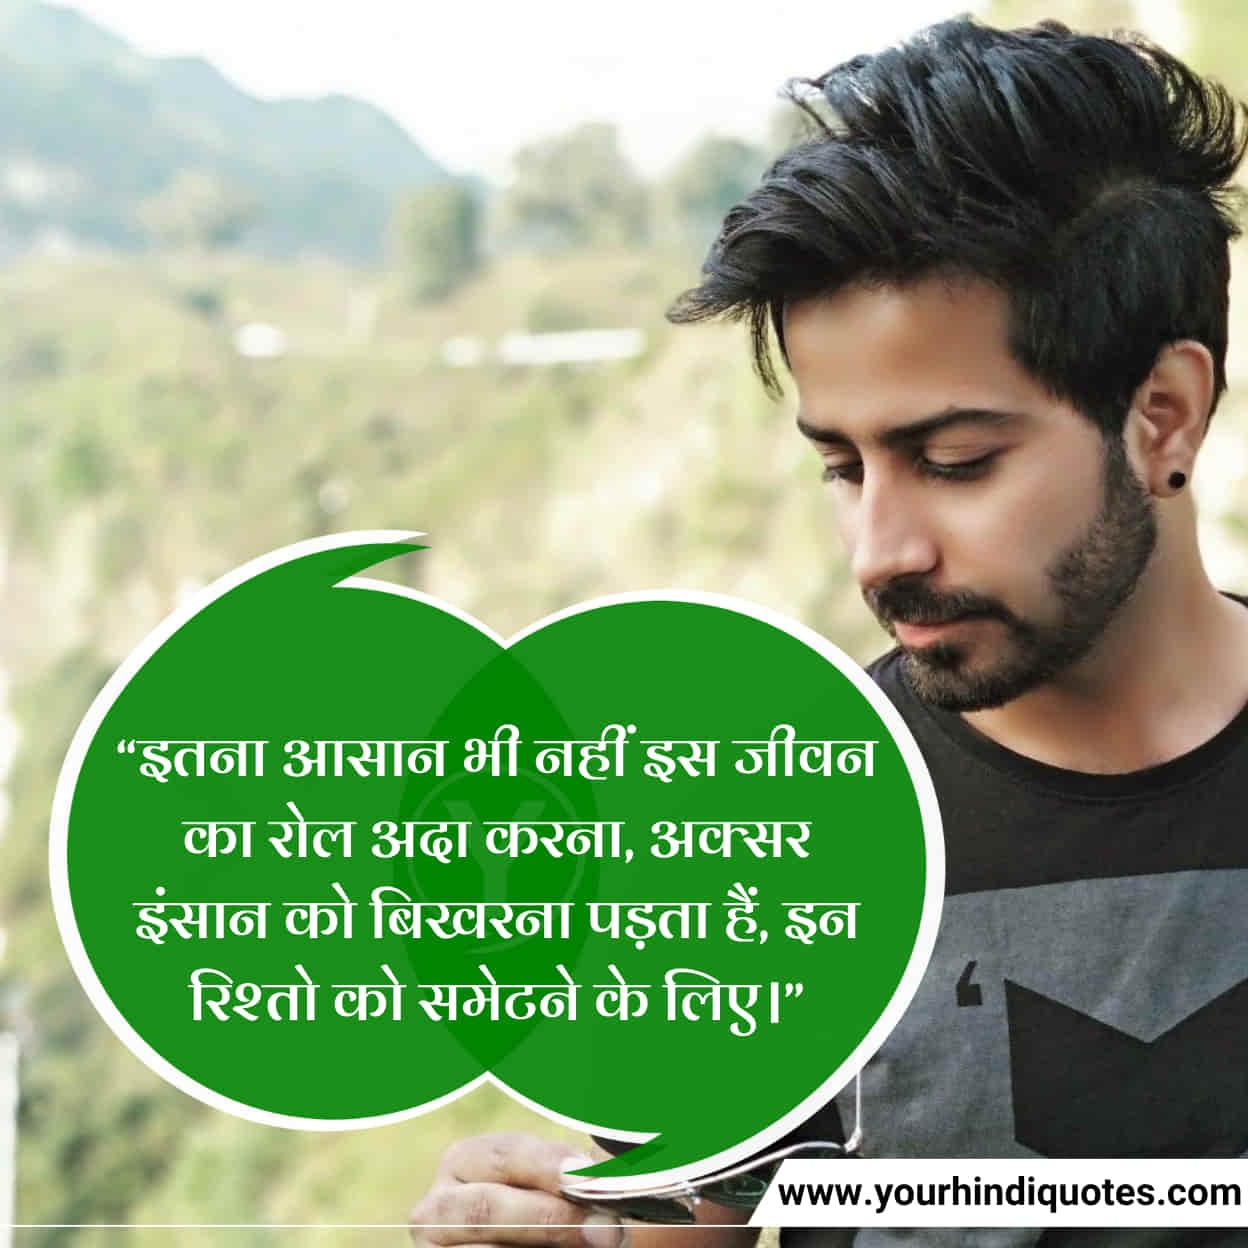 Hindi Love Sad Quotes